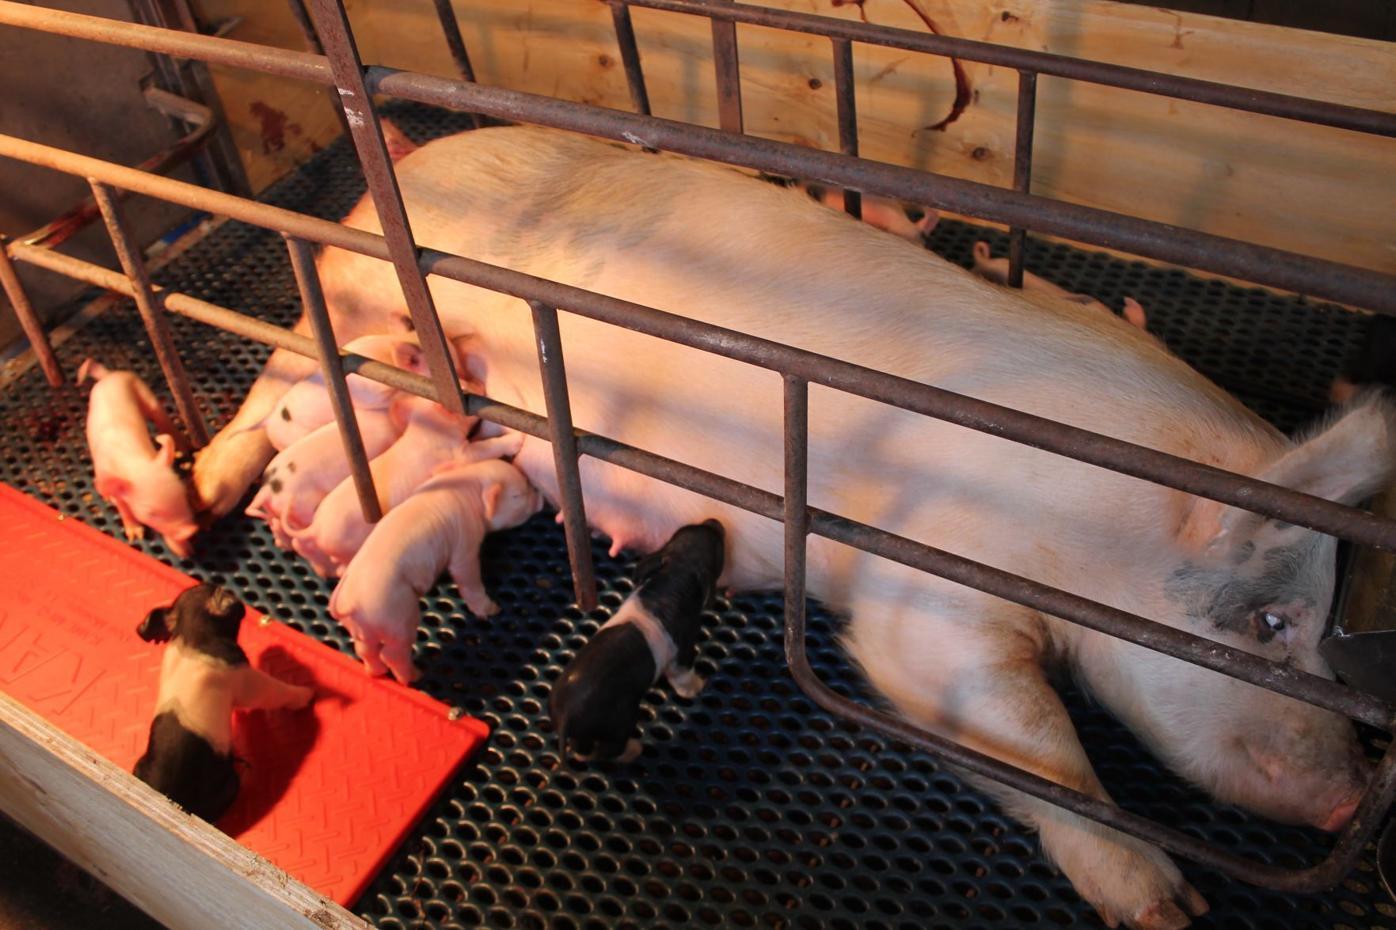 Piglets arrive at FFA barn